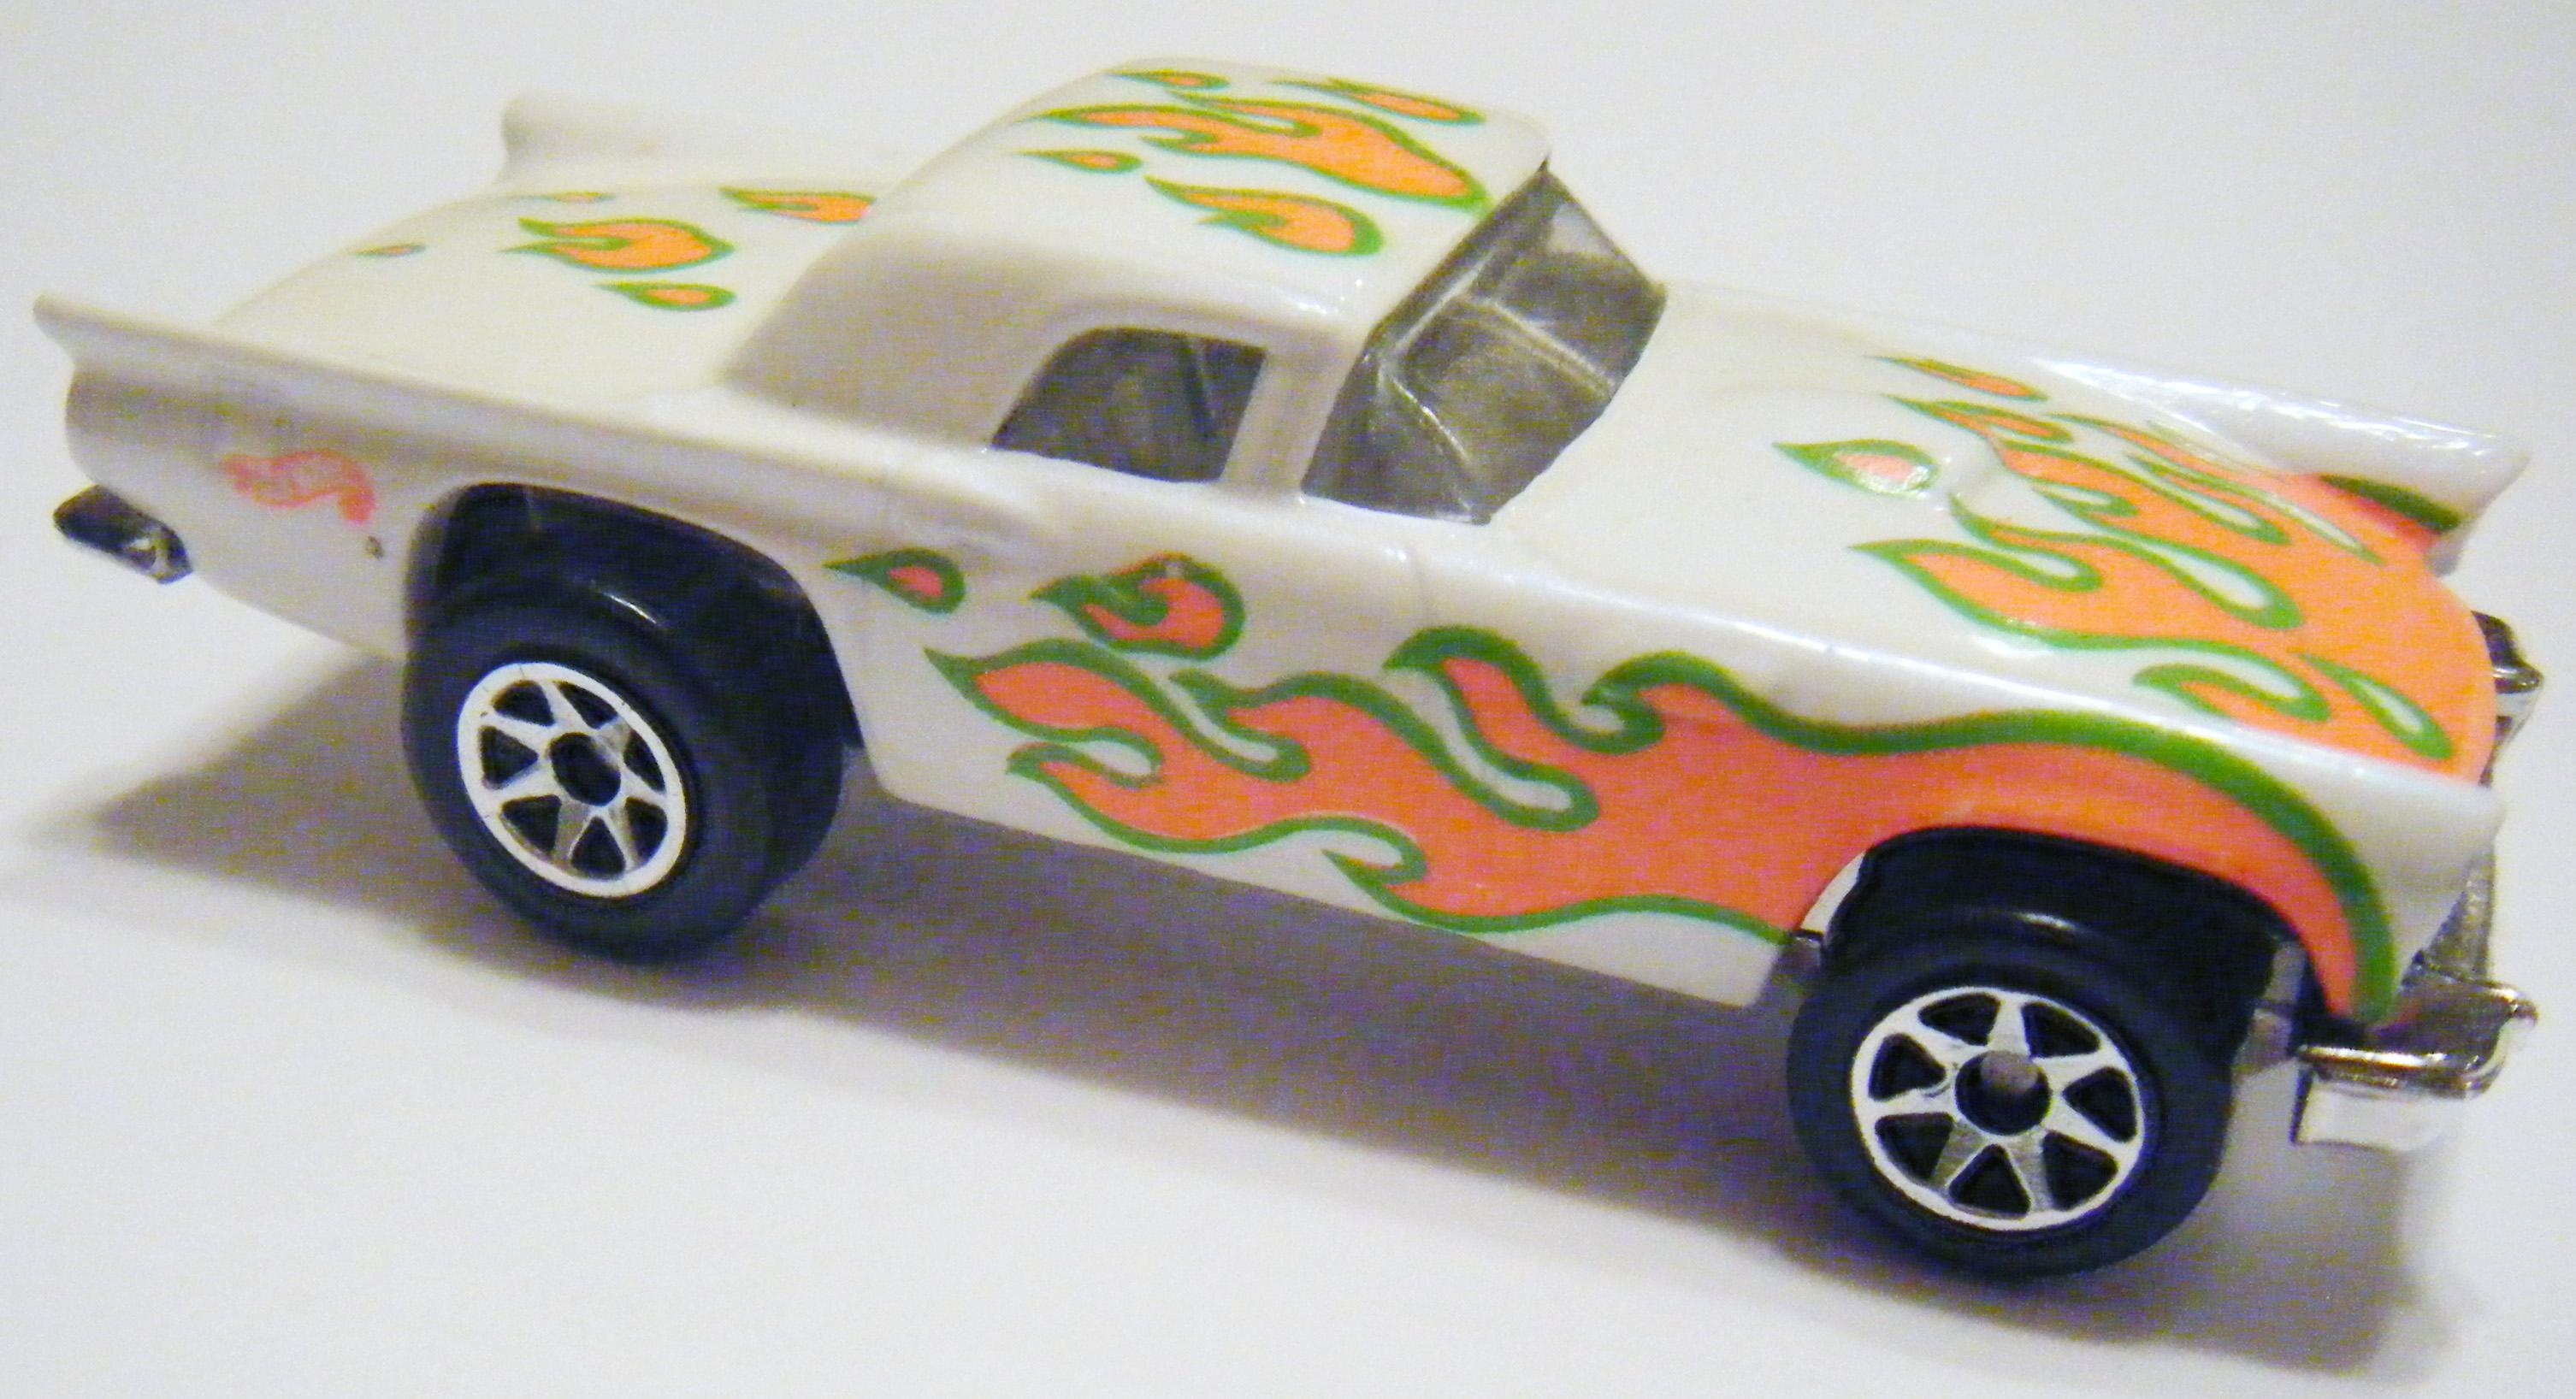 Flamethrower Series (1996)